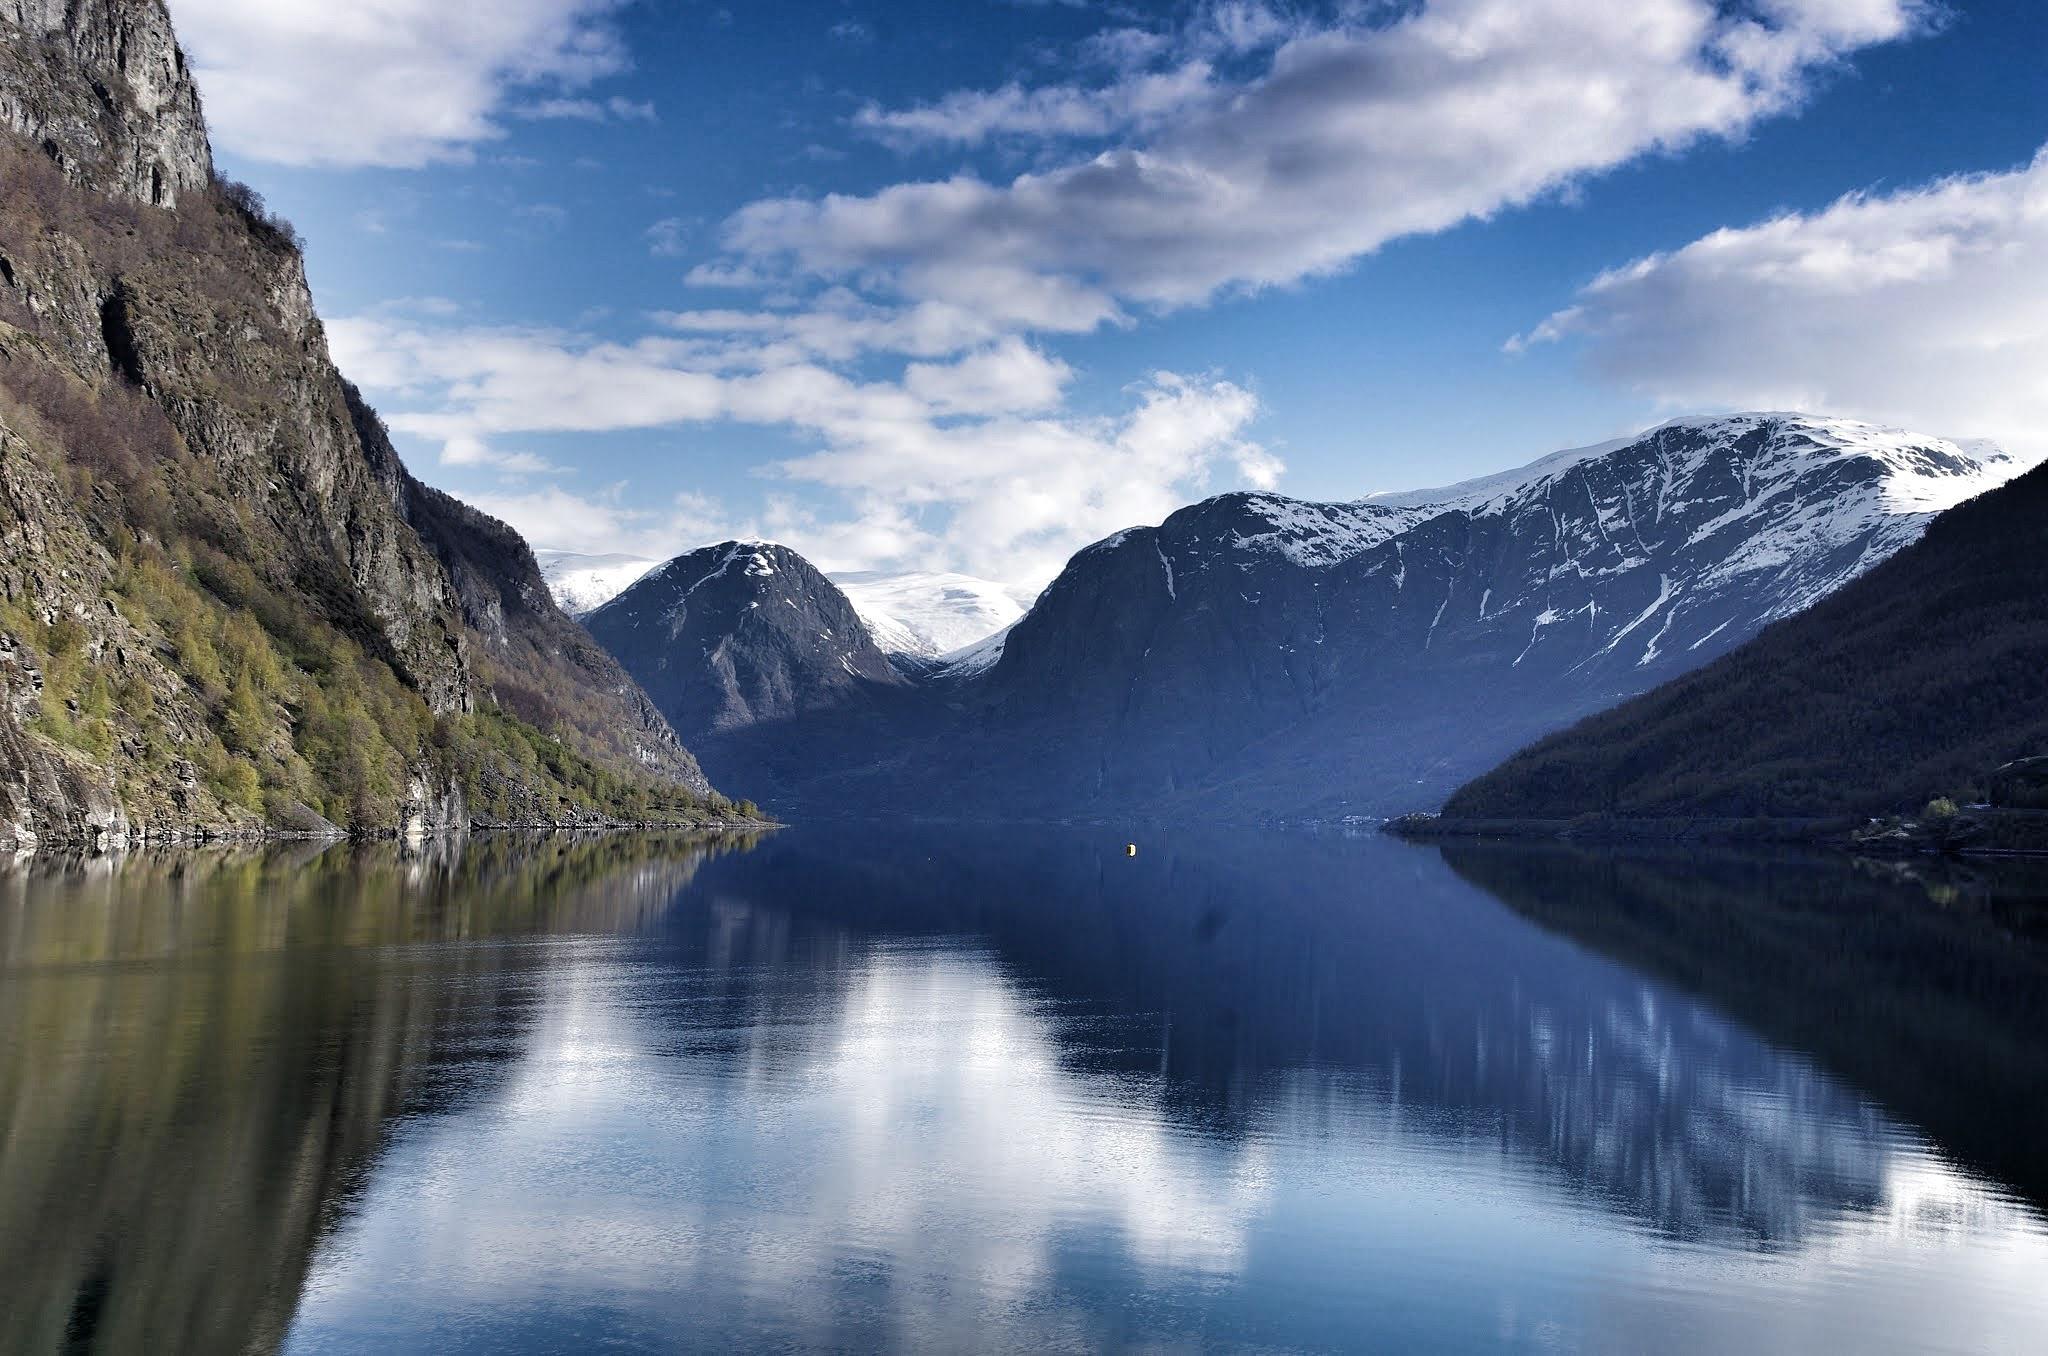 Naerofjord by Sjoerd Weiland